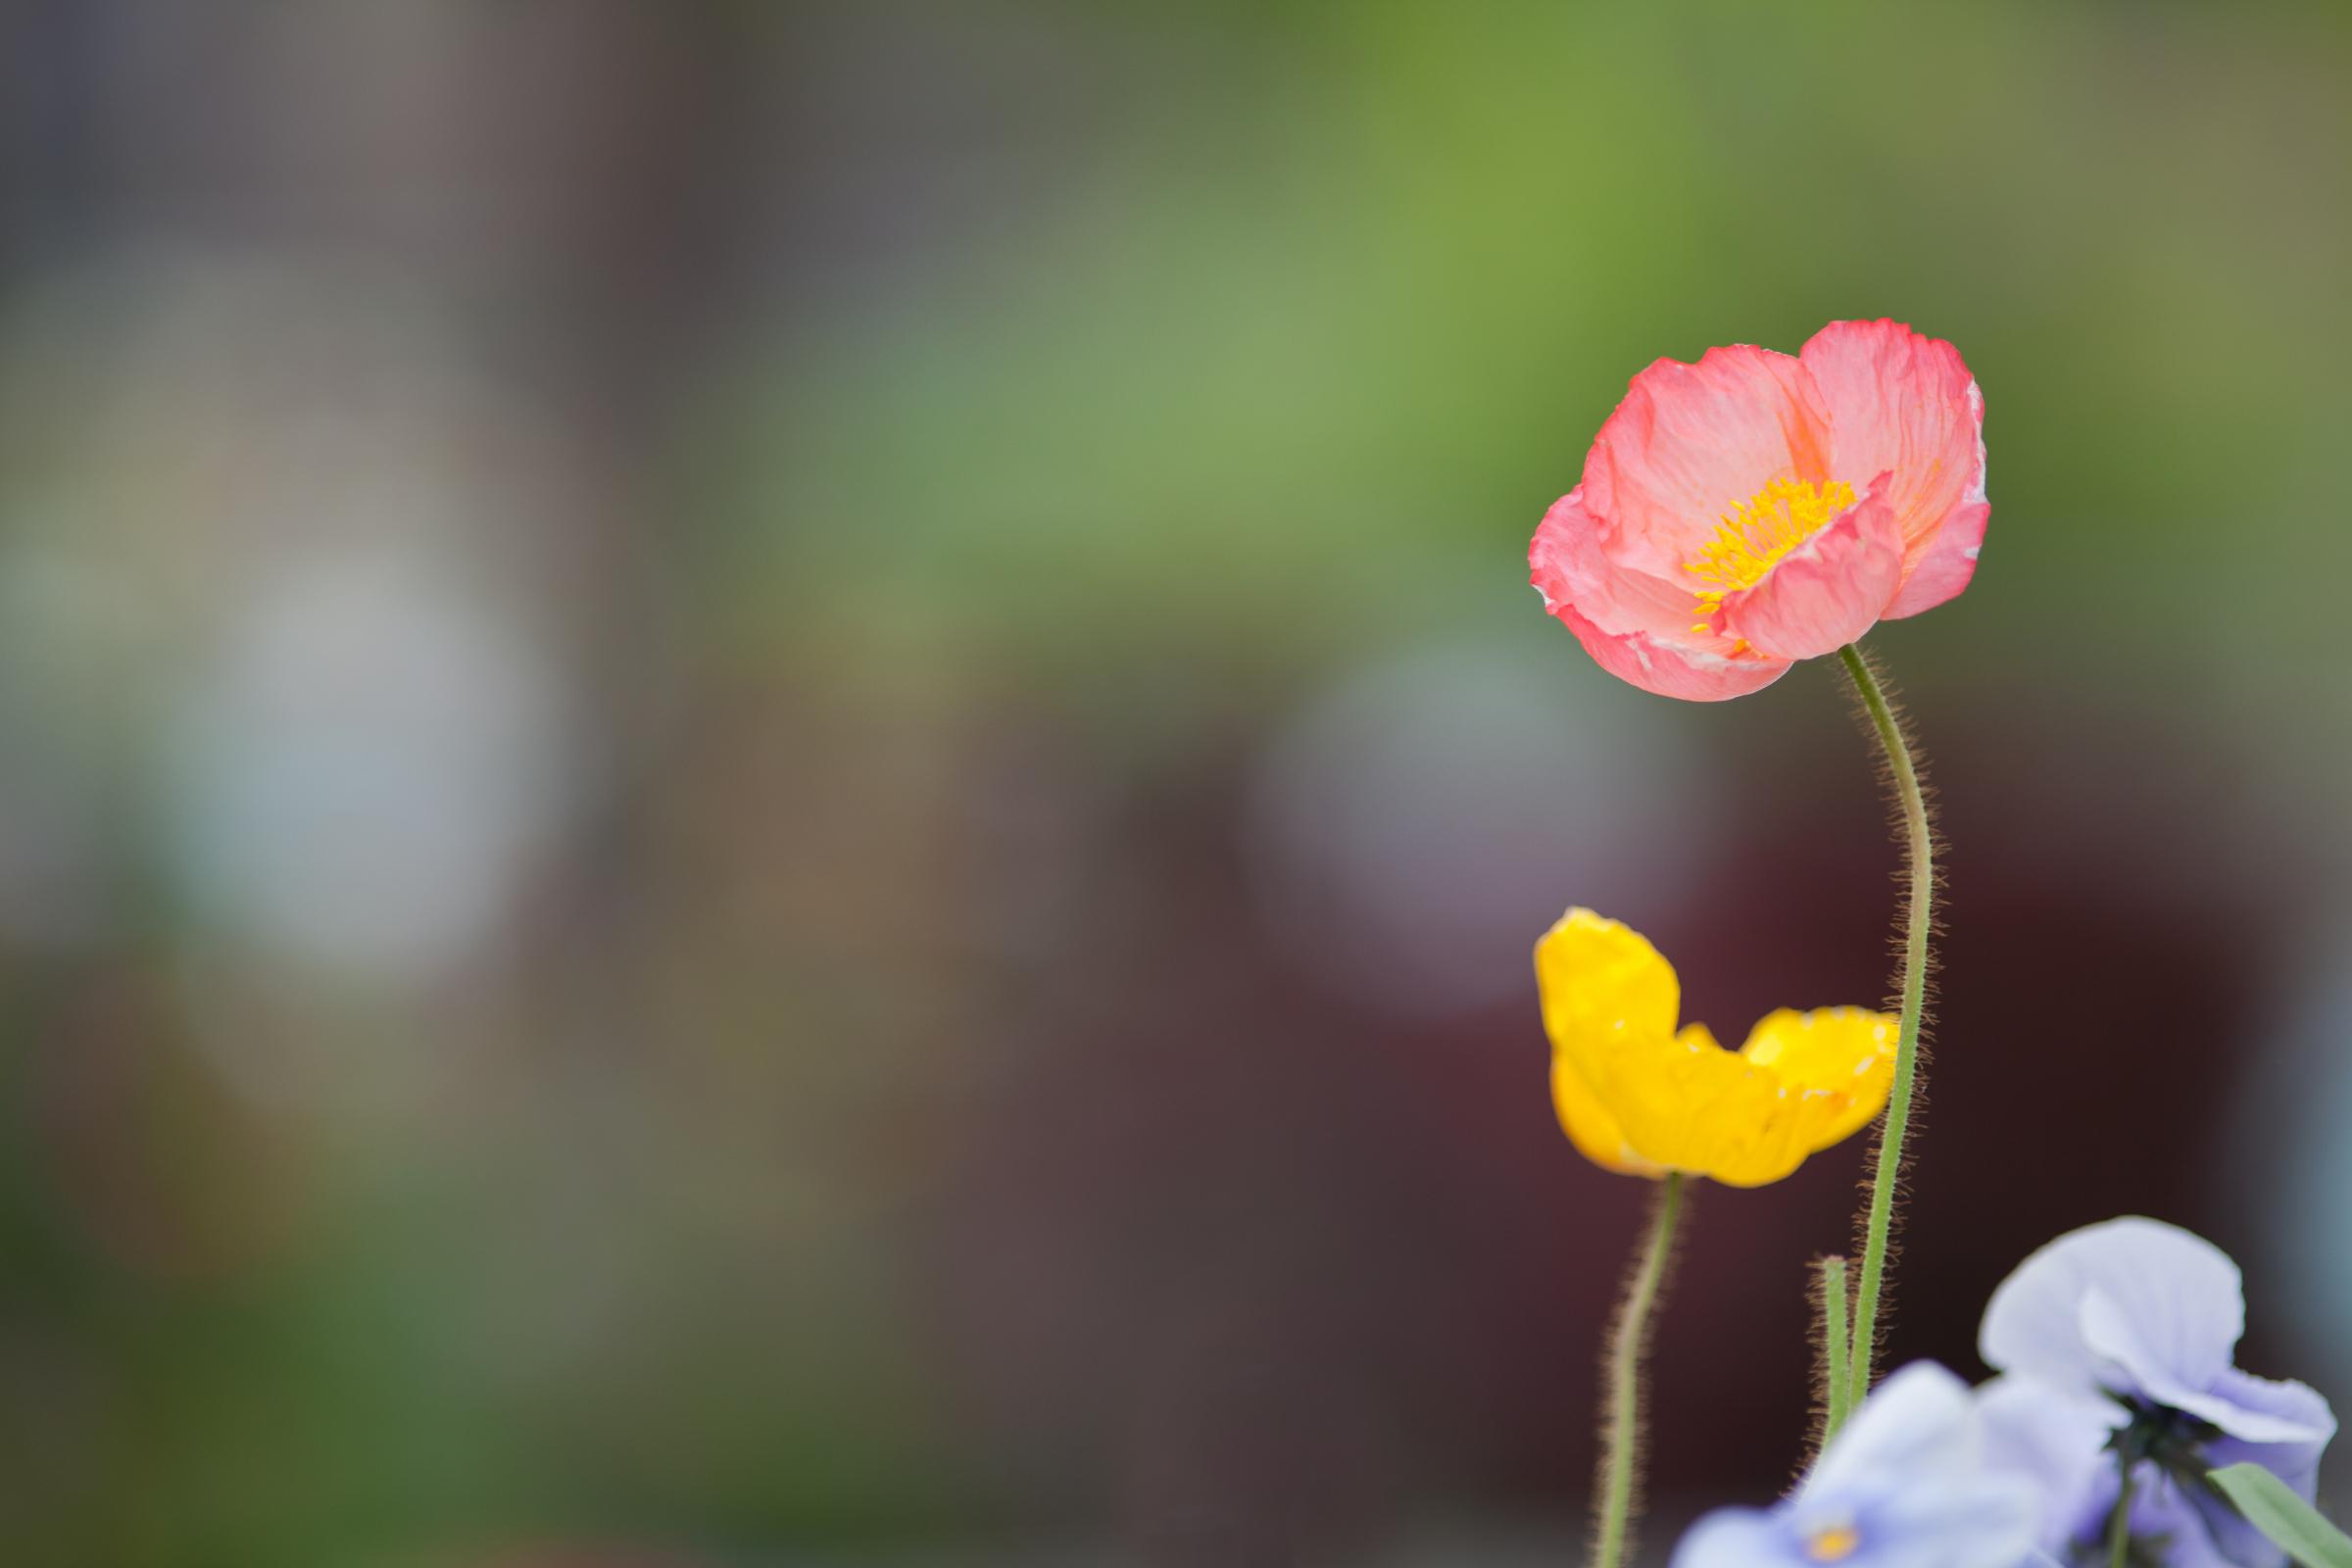 Little flowers share mightylinksfo